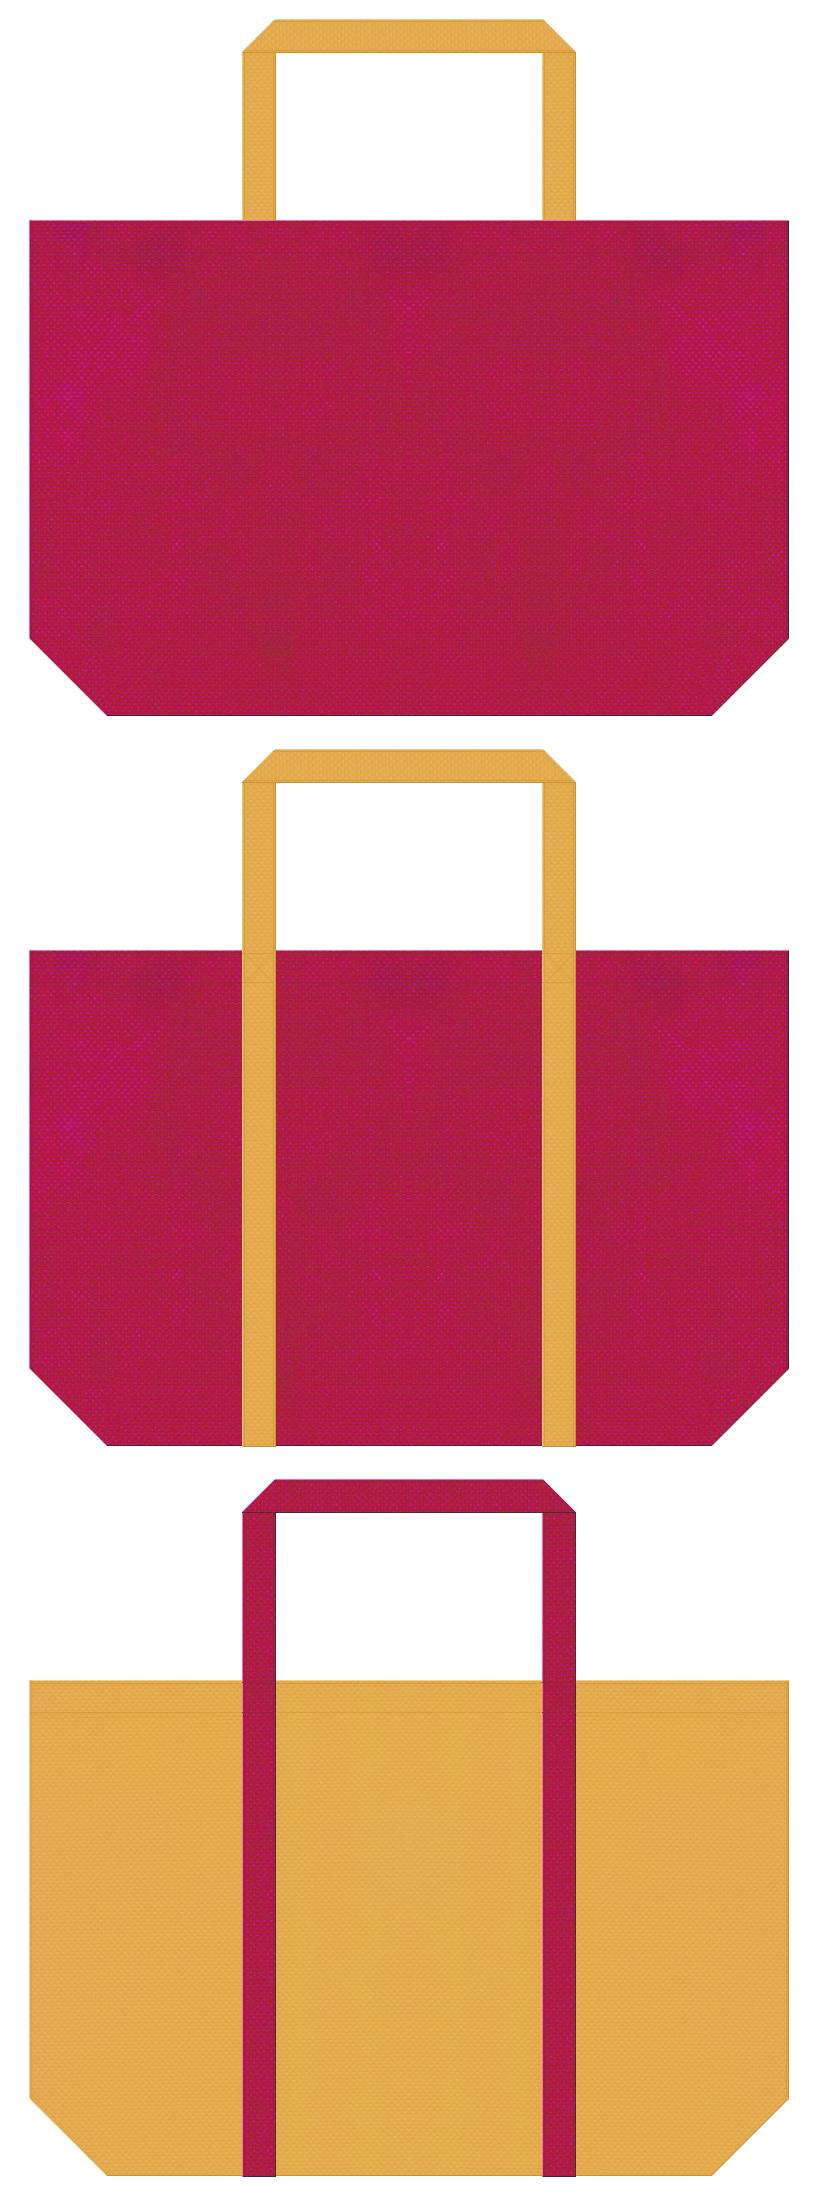 南国・トロピカル・フルーツカクテル・リゾート・トラベルバッグ・ゲーム・絵本・おとぎ話・お菓子の家・プリンセス・テーマパーク・ガーリーデザインのショッピングバッグにお奨めの不織布バッグデザイン:濃いピンク色と黄土色のコーデ